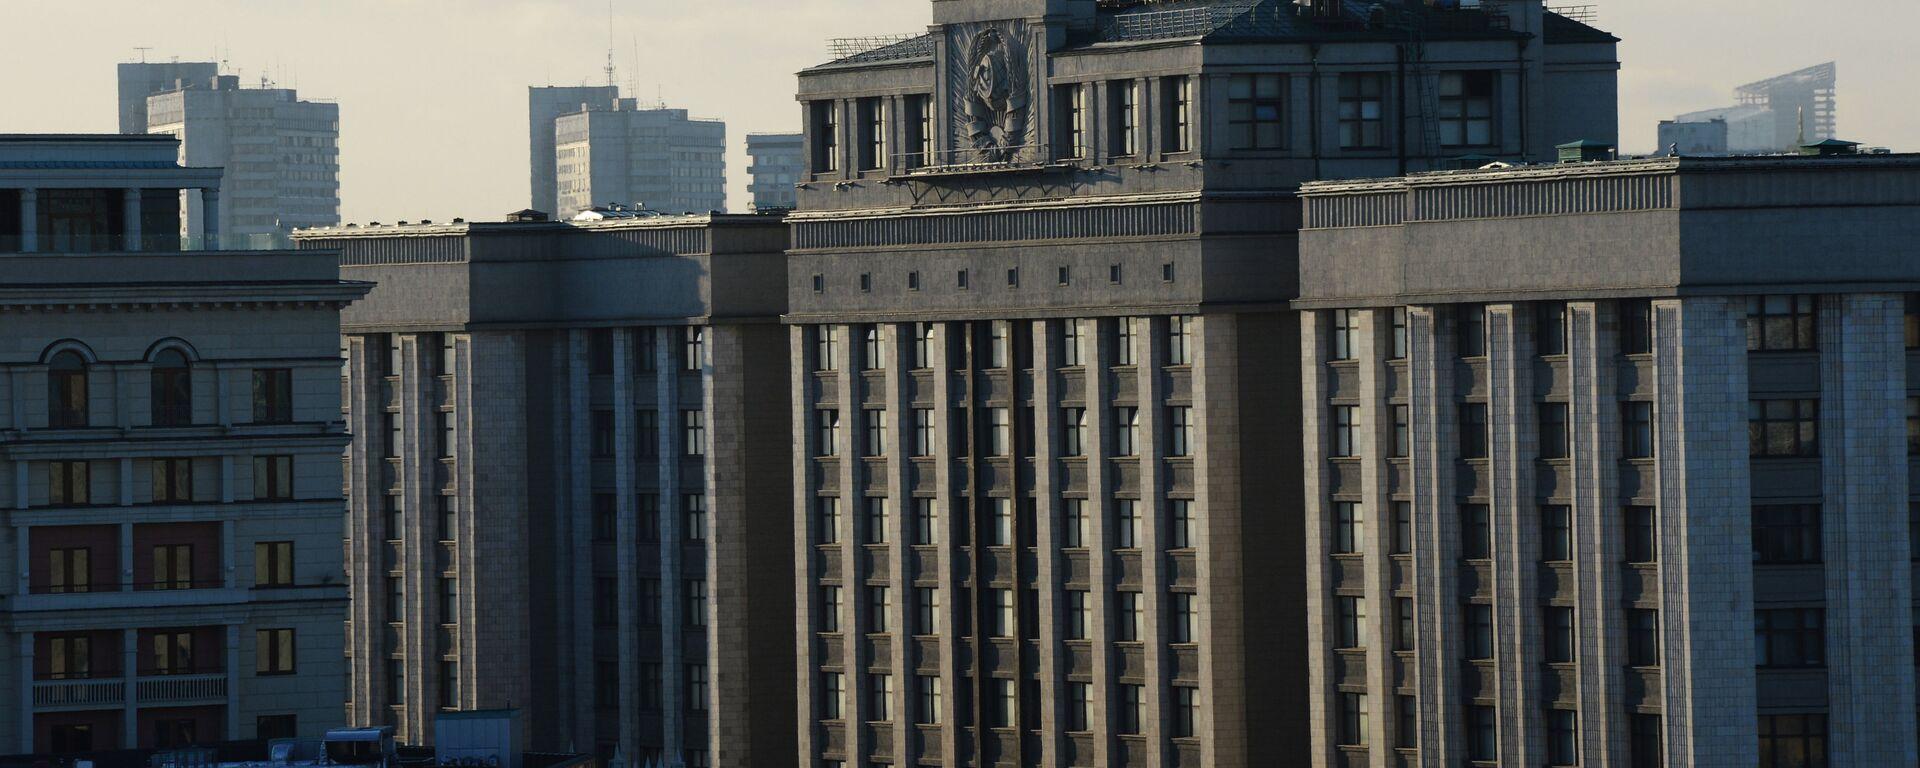 Zdanje Državne dume Ruske Federacije - Sputnik Srbija, 1920, 29.09.2021